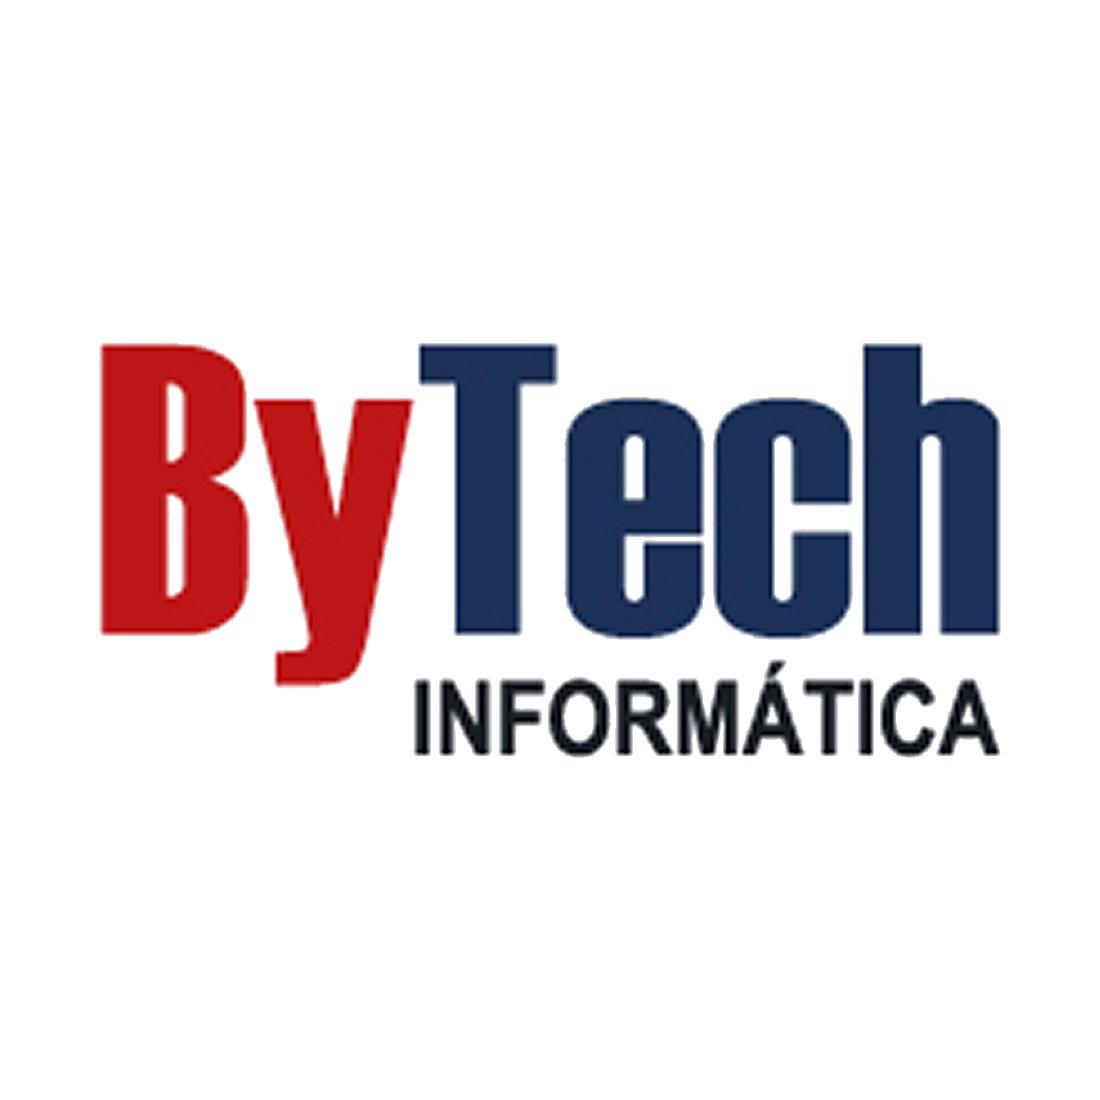 COMPUTADOR BYTECH-I5 10400F-10A GEREÇÃO